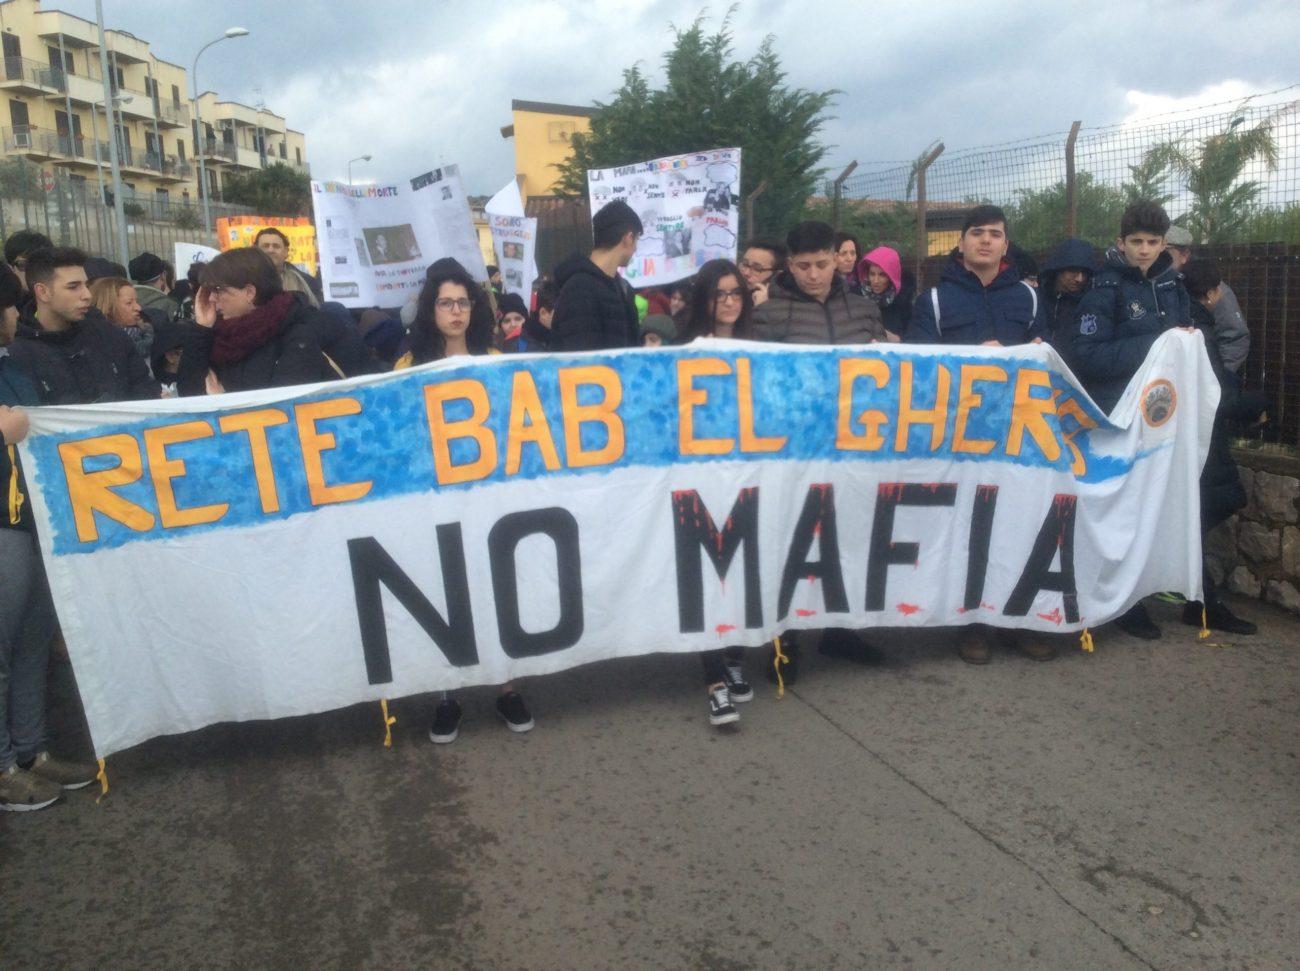 Antimafia: Bagheria-Casteldaccia, in migliaia in marcia contro la mafia